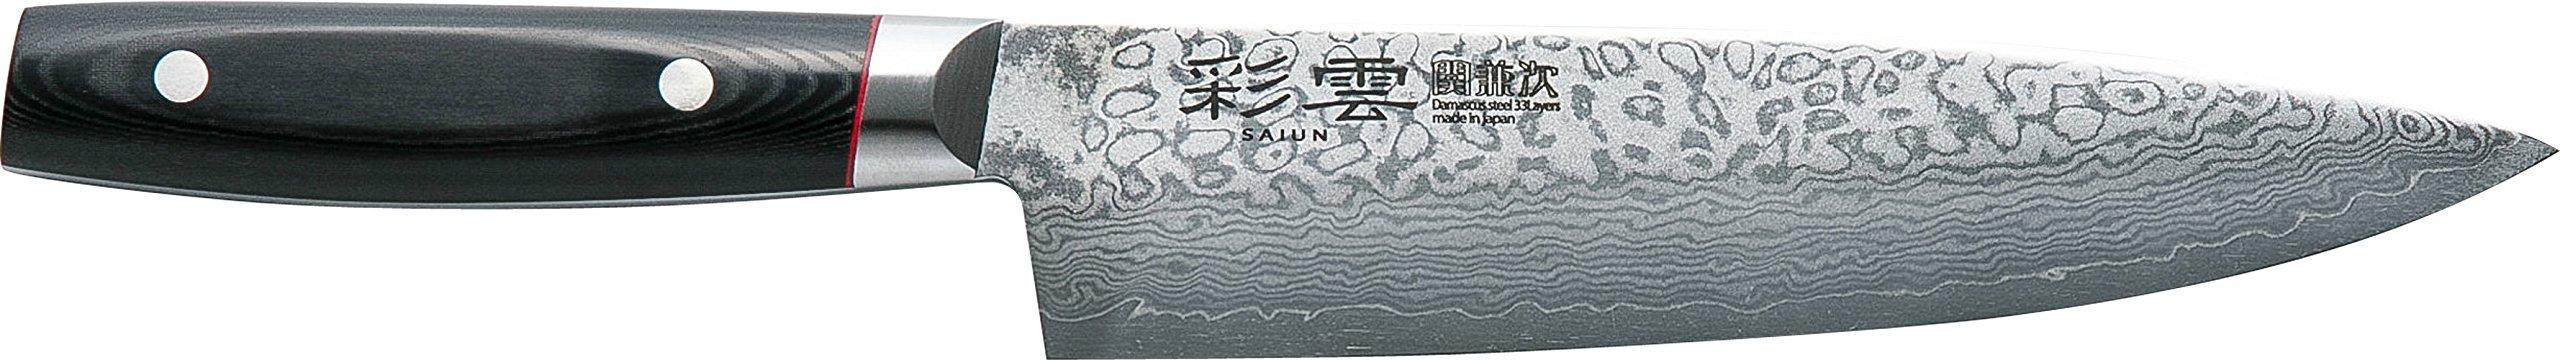 関兼次 Seki Kenji Hamono Japanese Knife ''Saiun'' Damascus Steel Stainless VG-10 Made in Japan (Beef Sword 200mm) Made in Japan